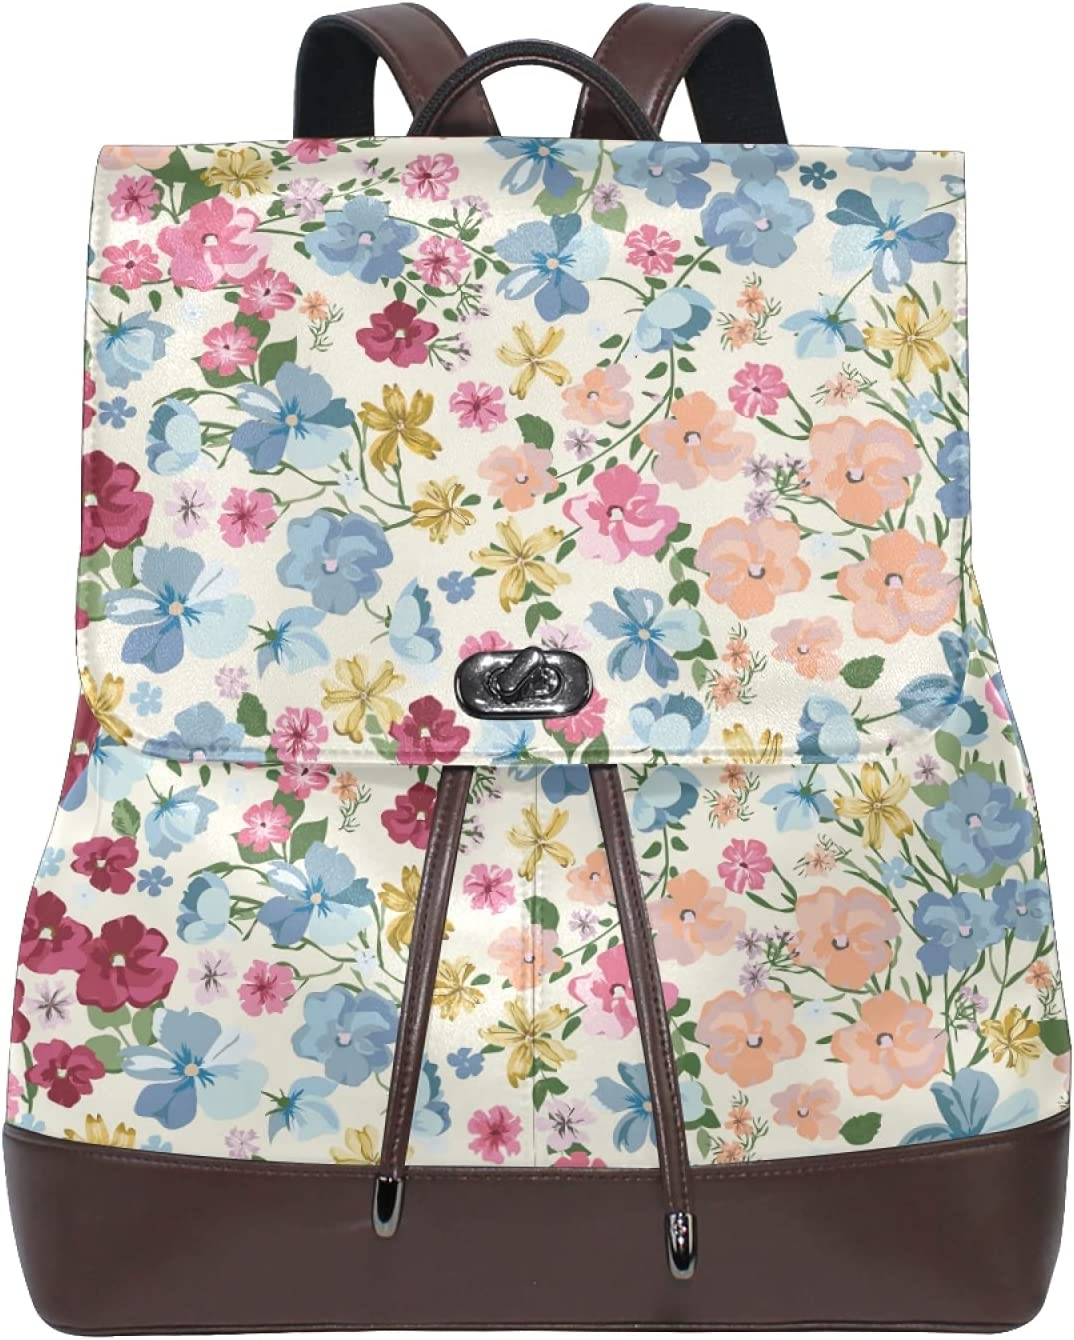 Women Leather Backpack Ladies Fashion Shoulder Bag Large Travel Bag Trendy Floral Design